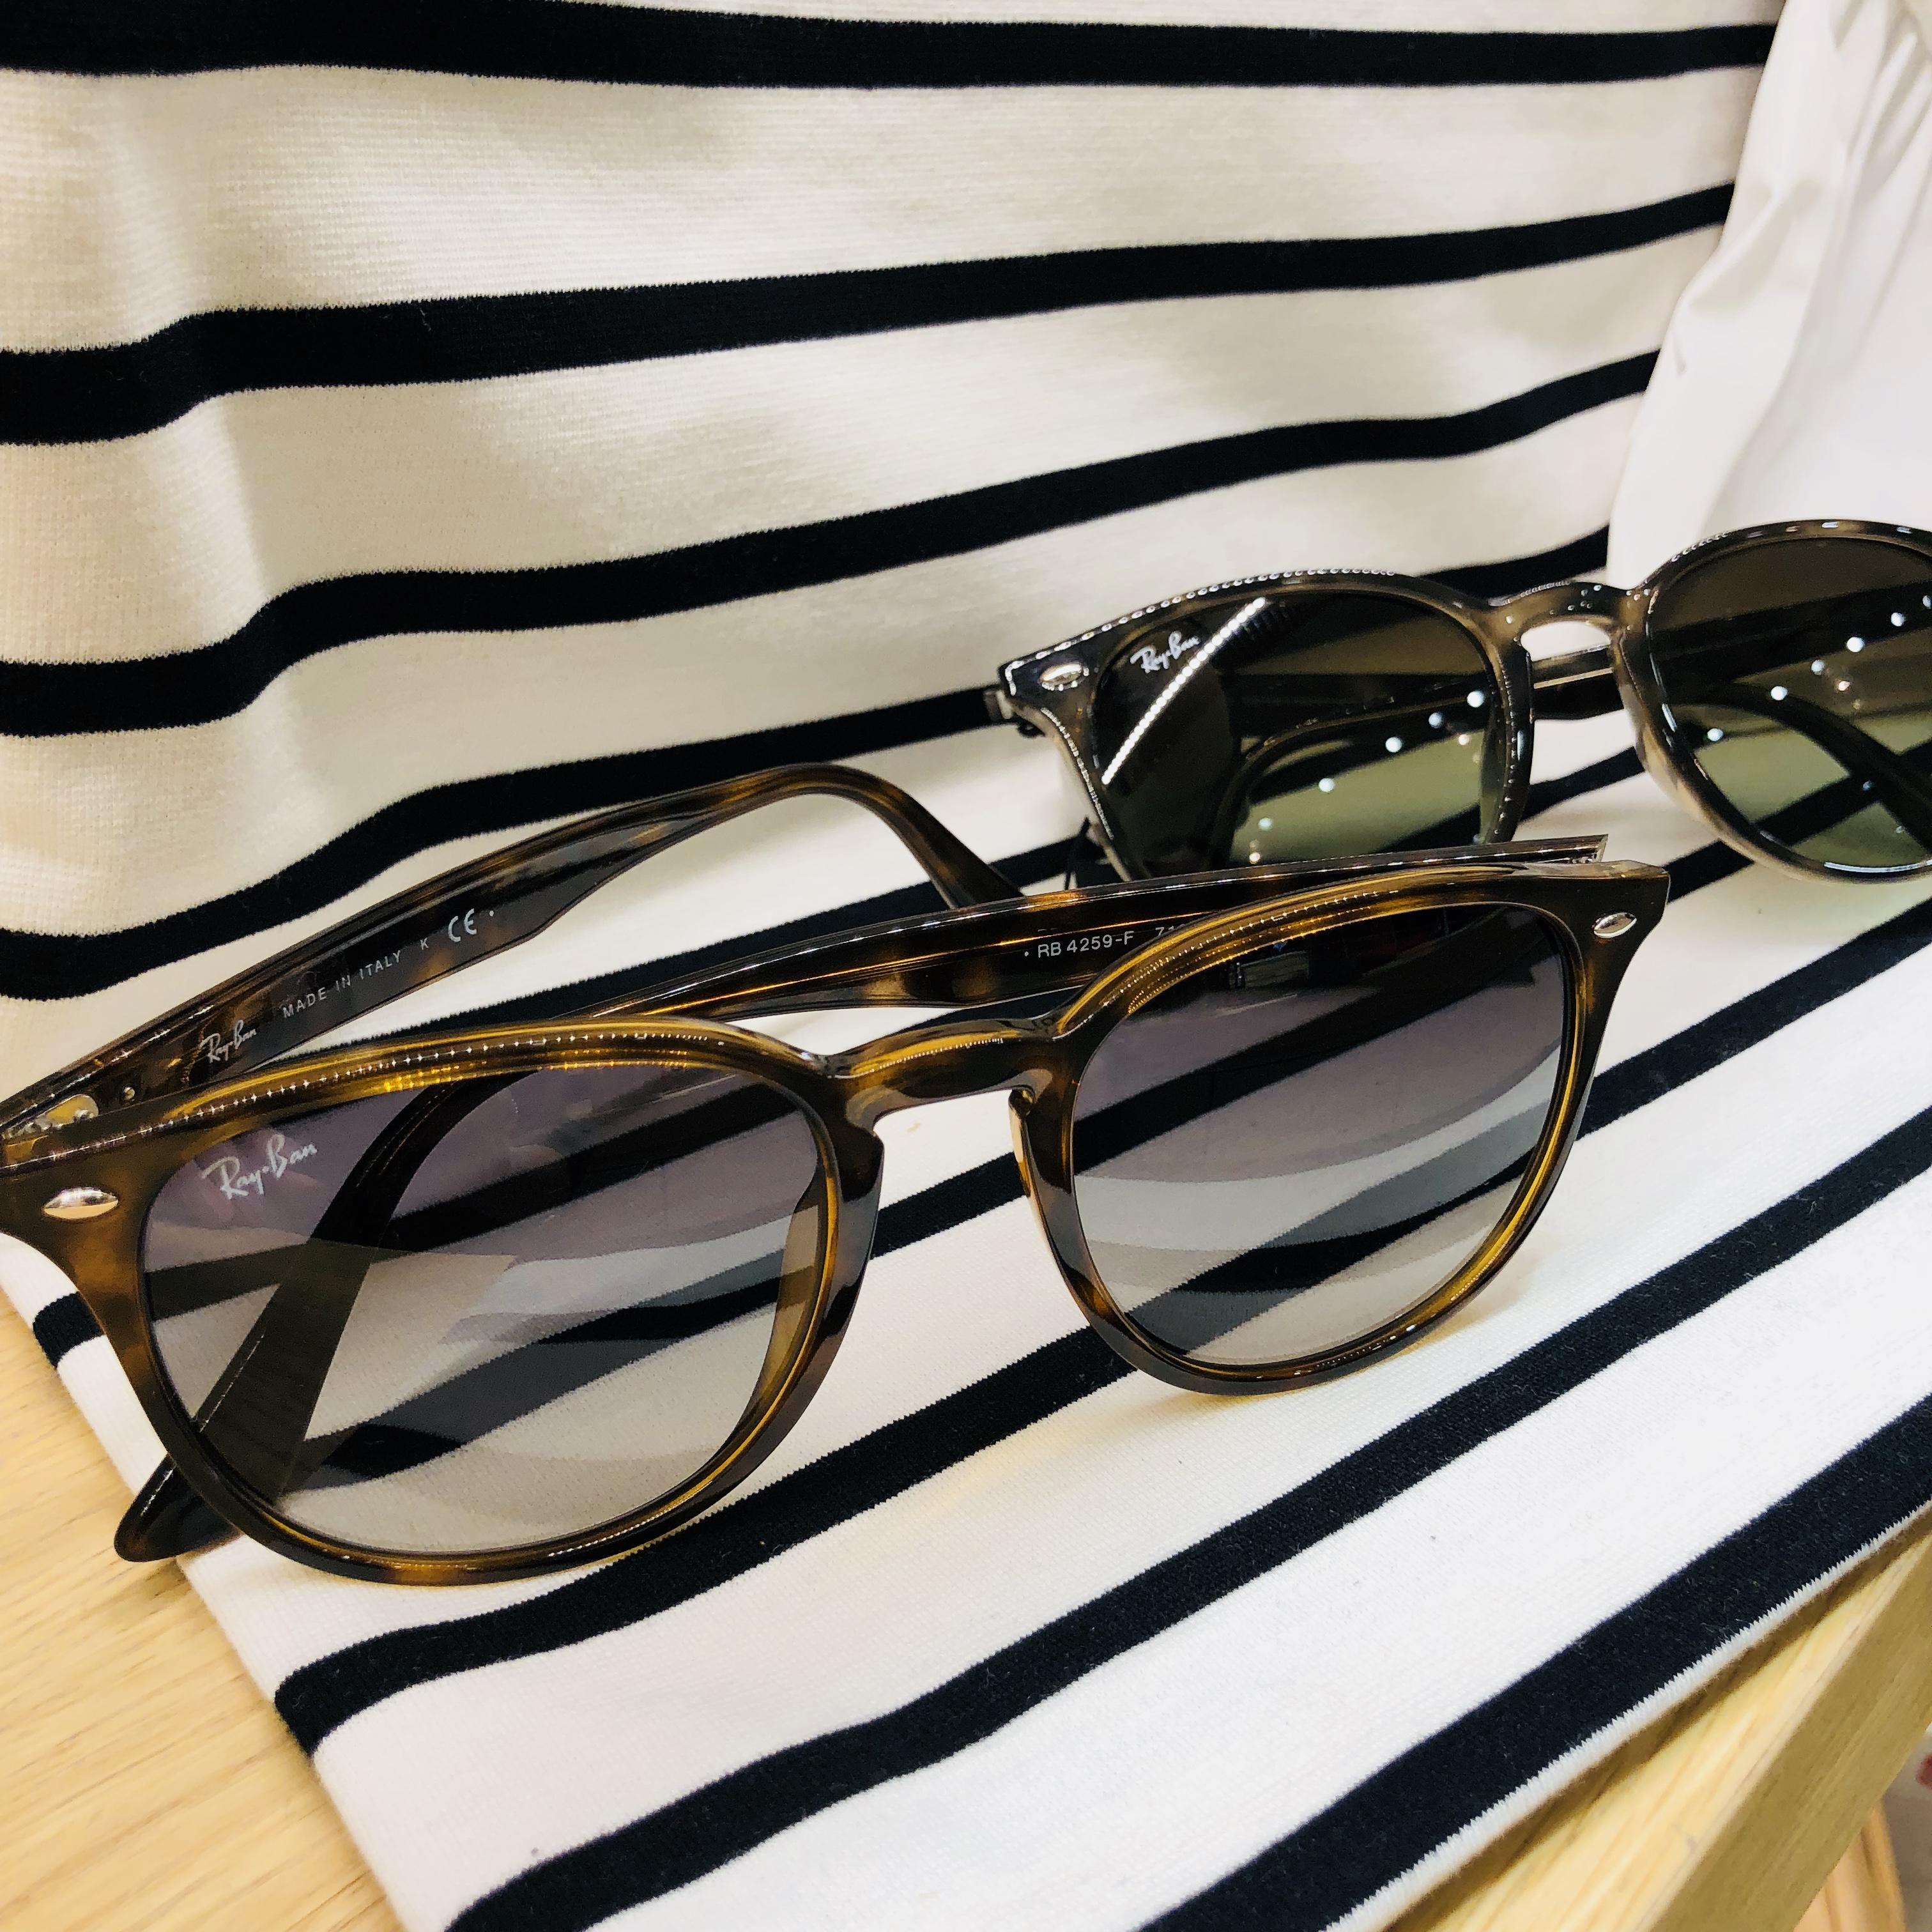 Scrap Book スクラップブック Ray-Ban レイバン sunglasses サングラス